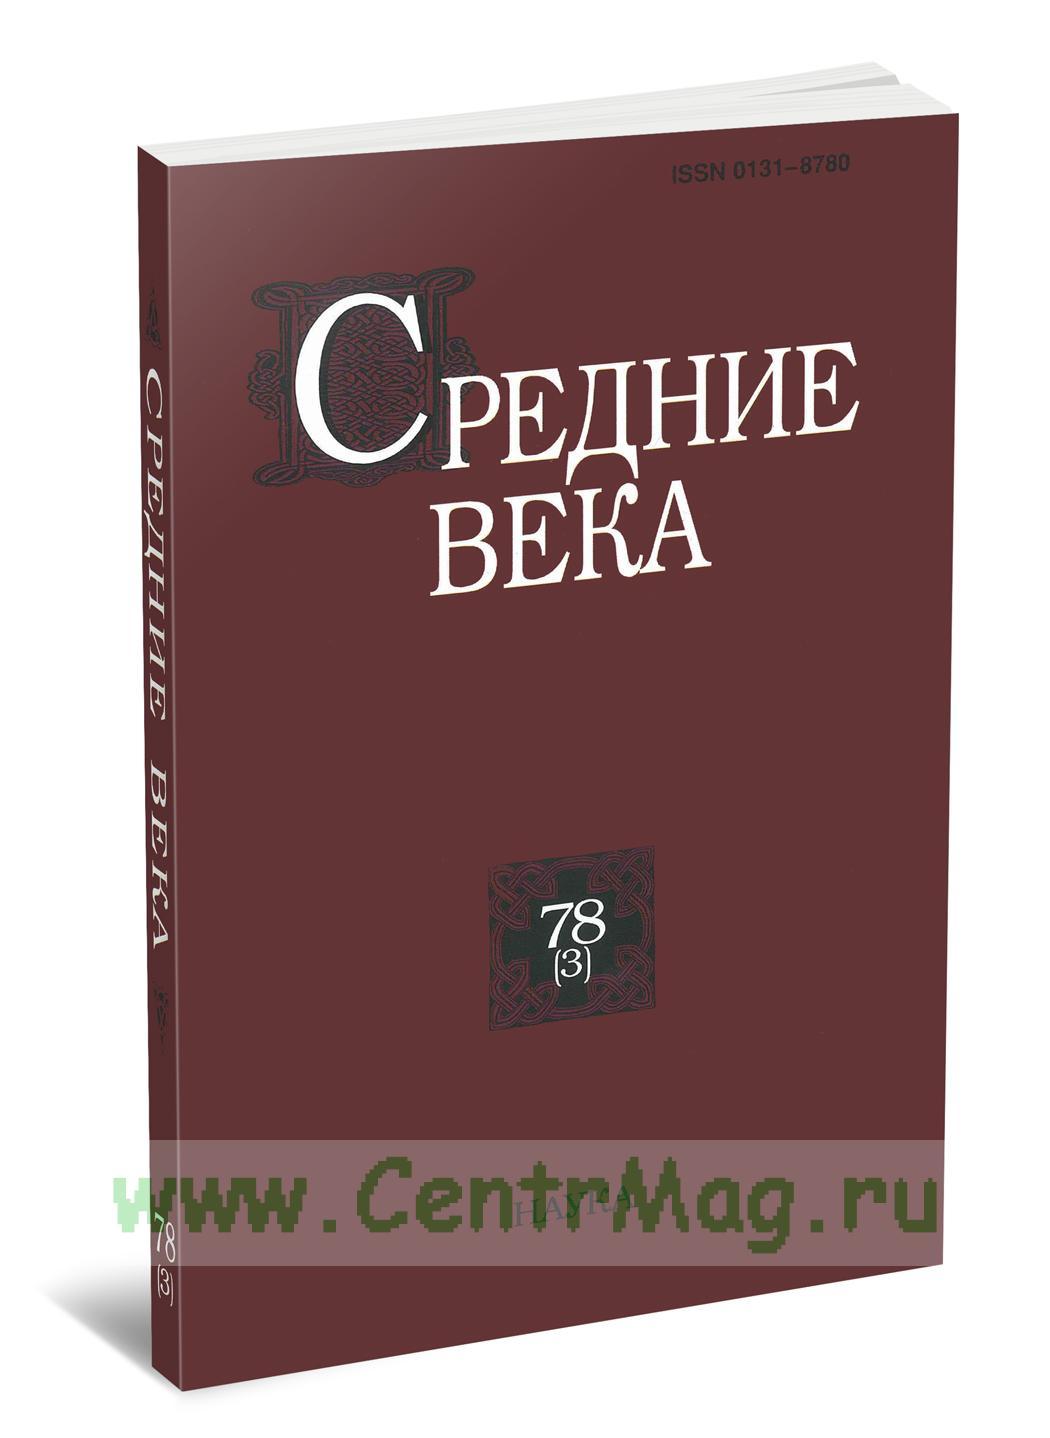 Средние века. Выпуск 78 (3)